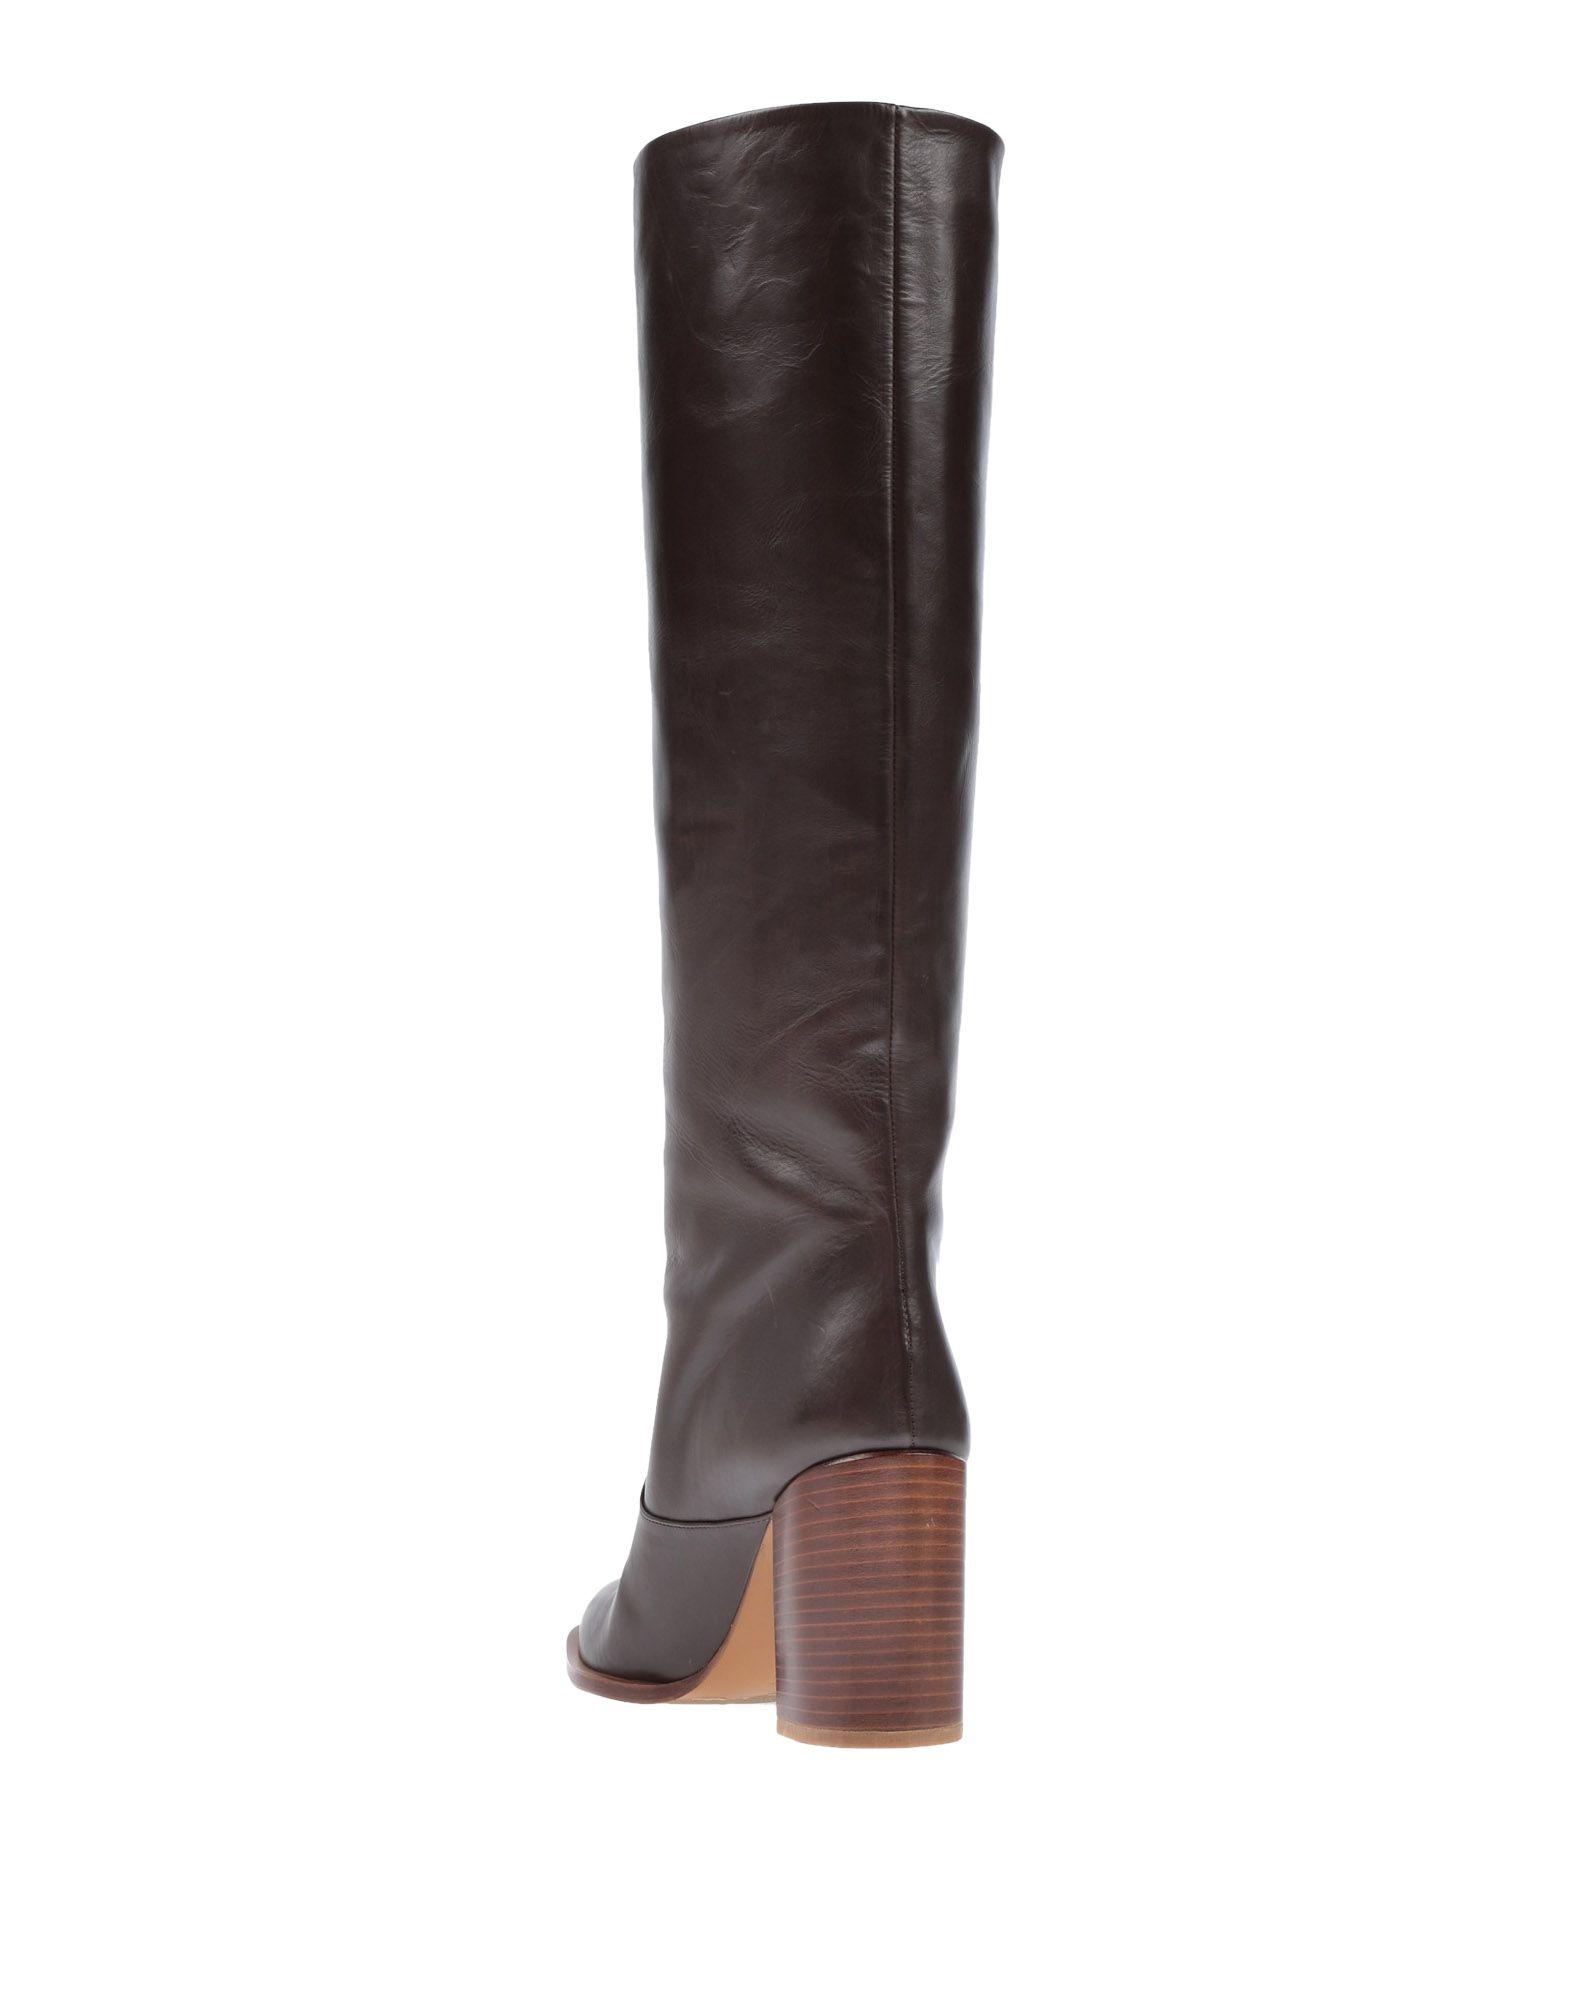 Veronique Branquinho Stiefel Damen Schuhe  11542643PRGünstige gut aussehende Schuhe Damen fa5a0b